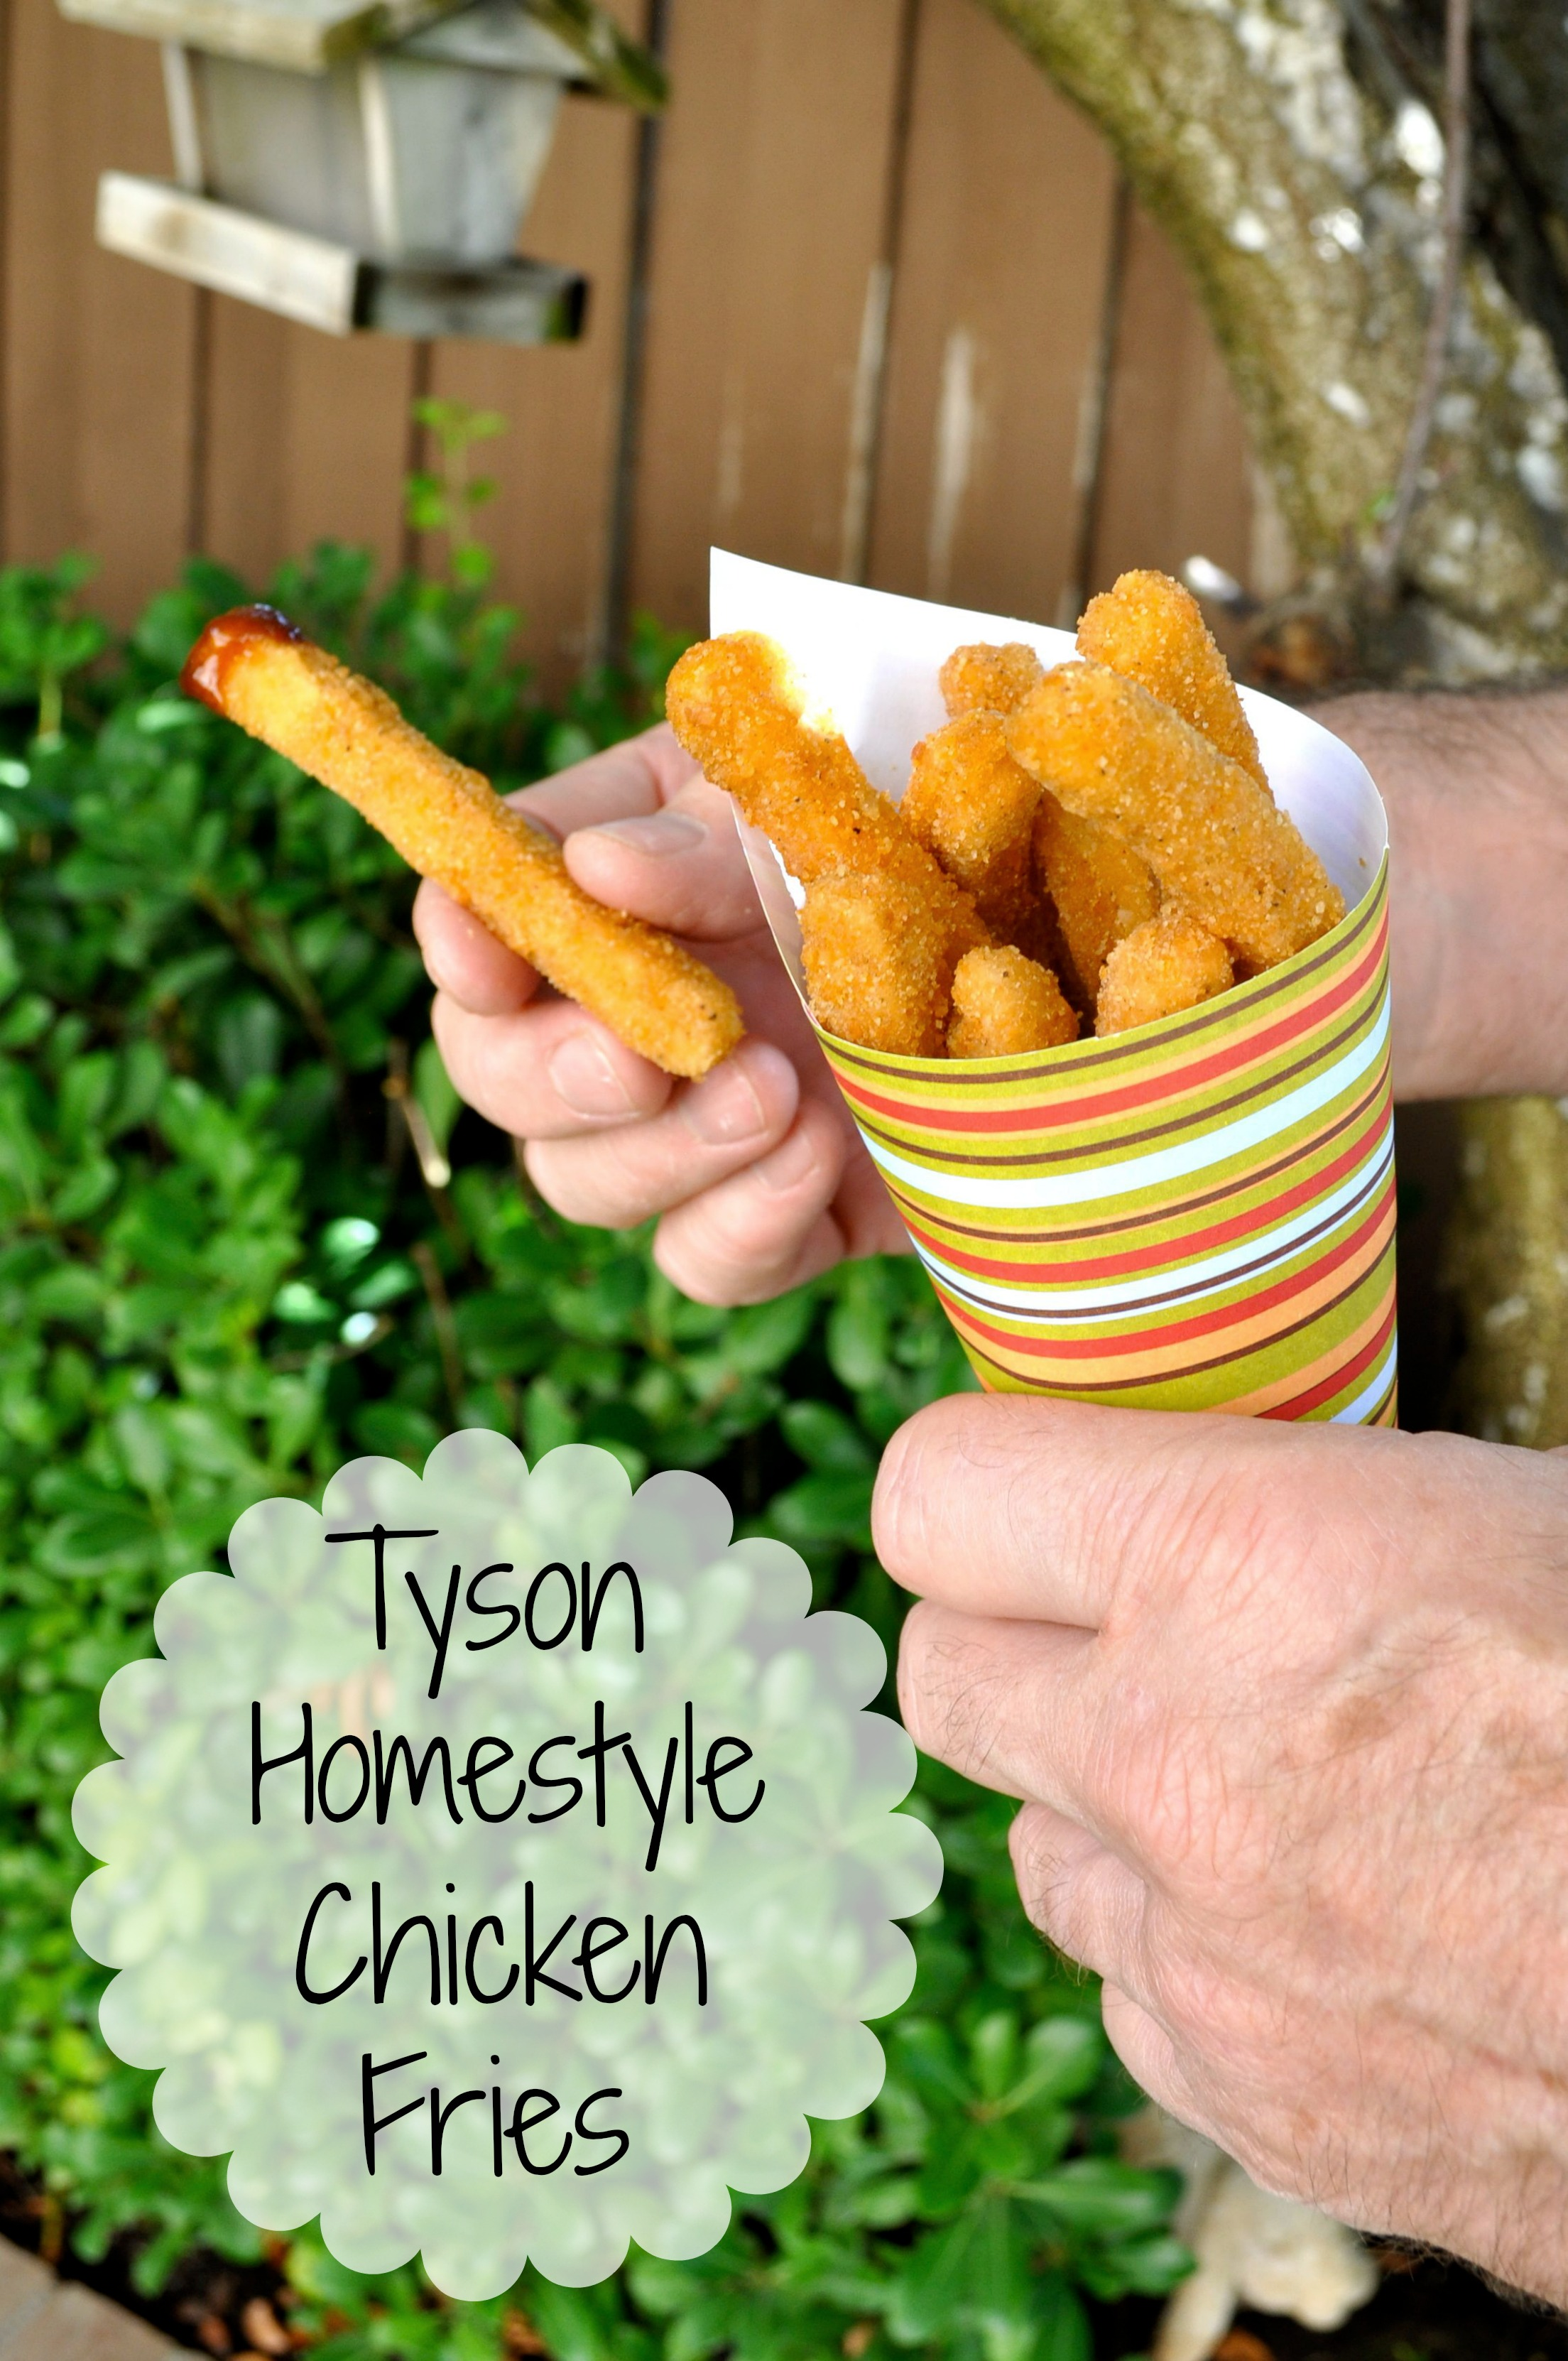 Tyson chicken fries nutrition